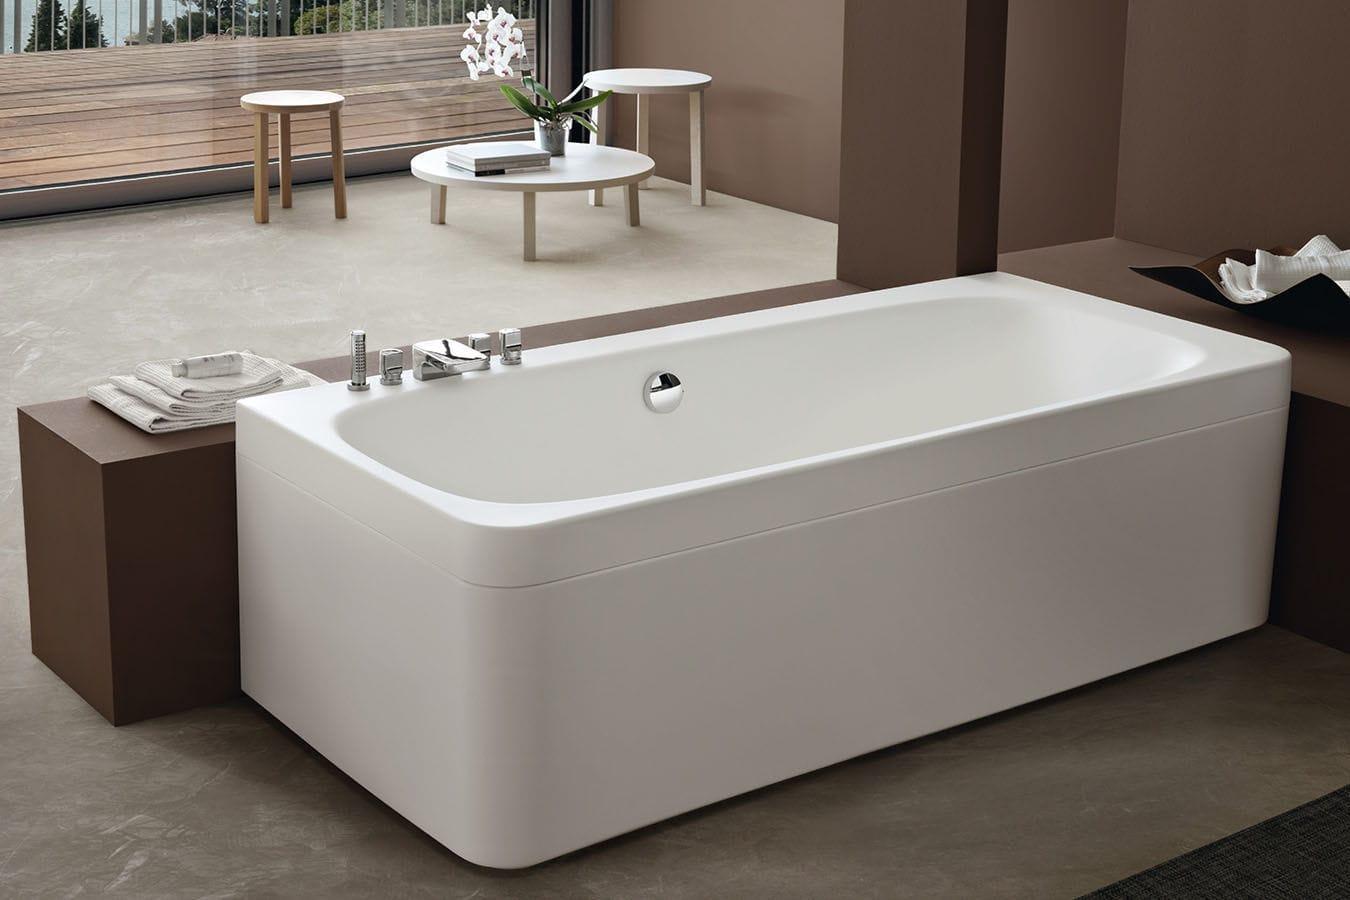 Vasche Da Bagno Treesse Listino Prezzi : Vasche da bagno angolare prezzi best rivestimenti vasche da bagno